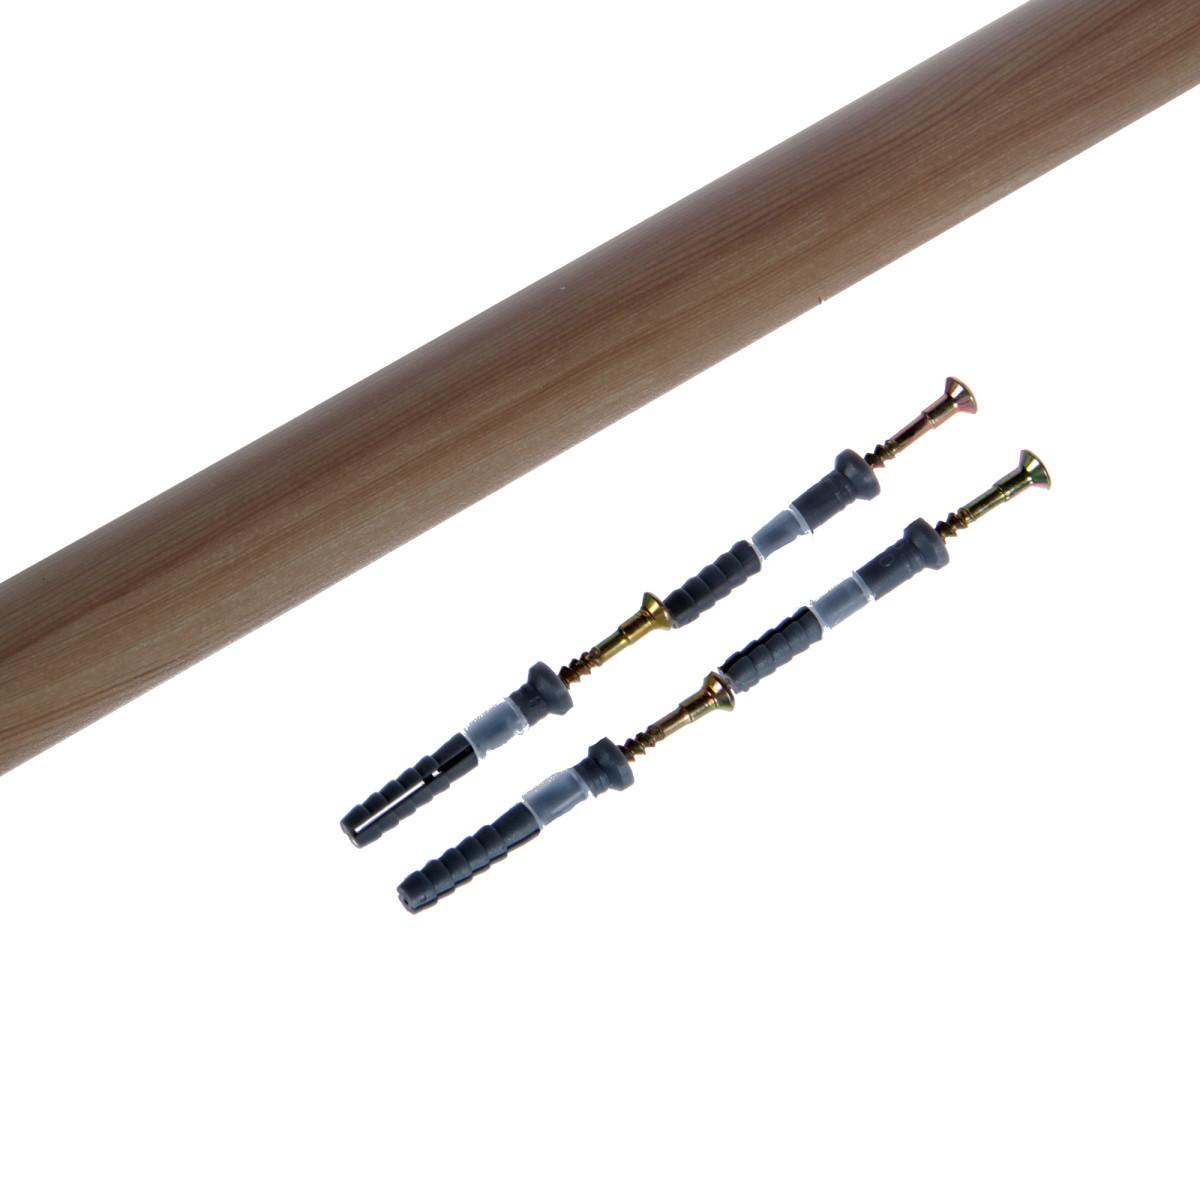 Порог одноуровневый (стык) с дюбелем 30х900 мм береза